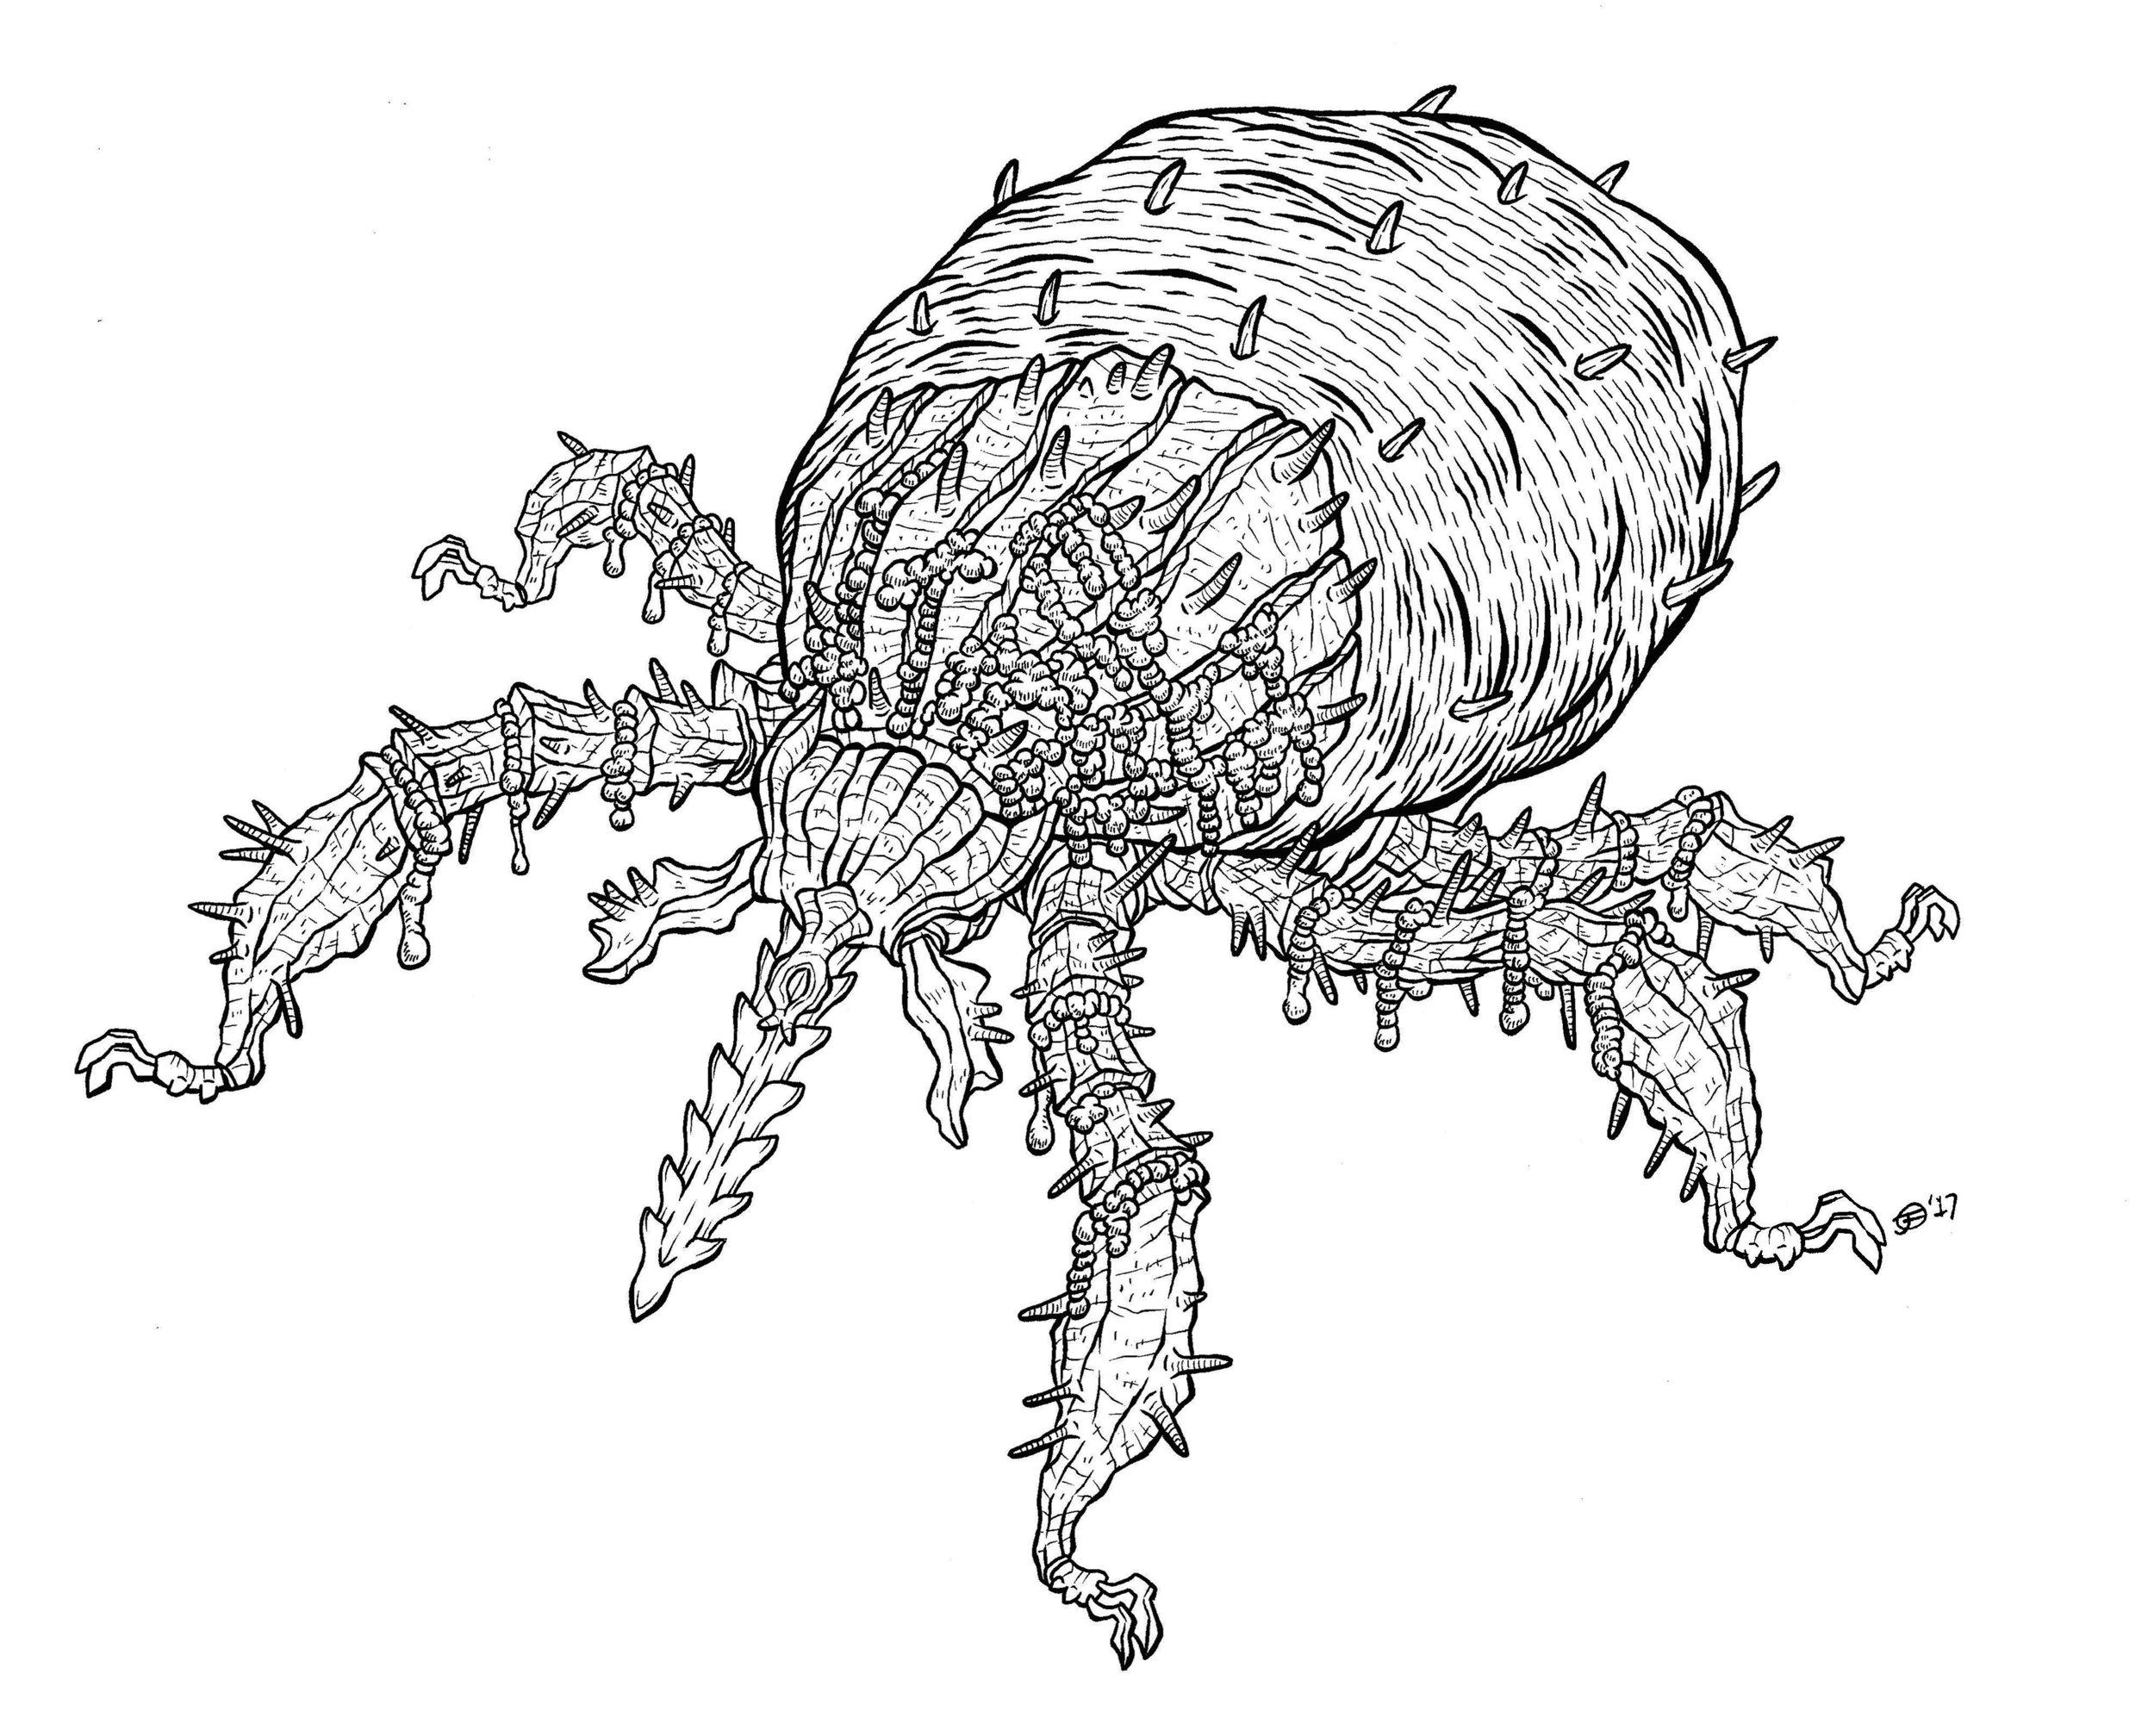 ORRKODDO 1 (INK)